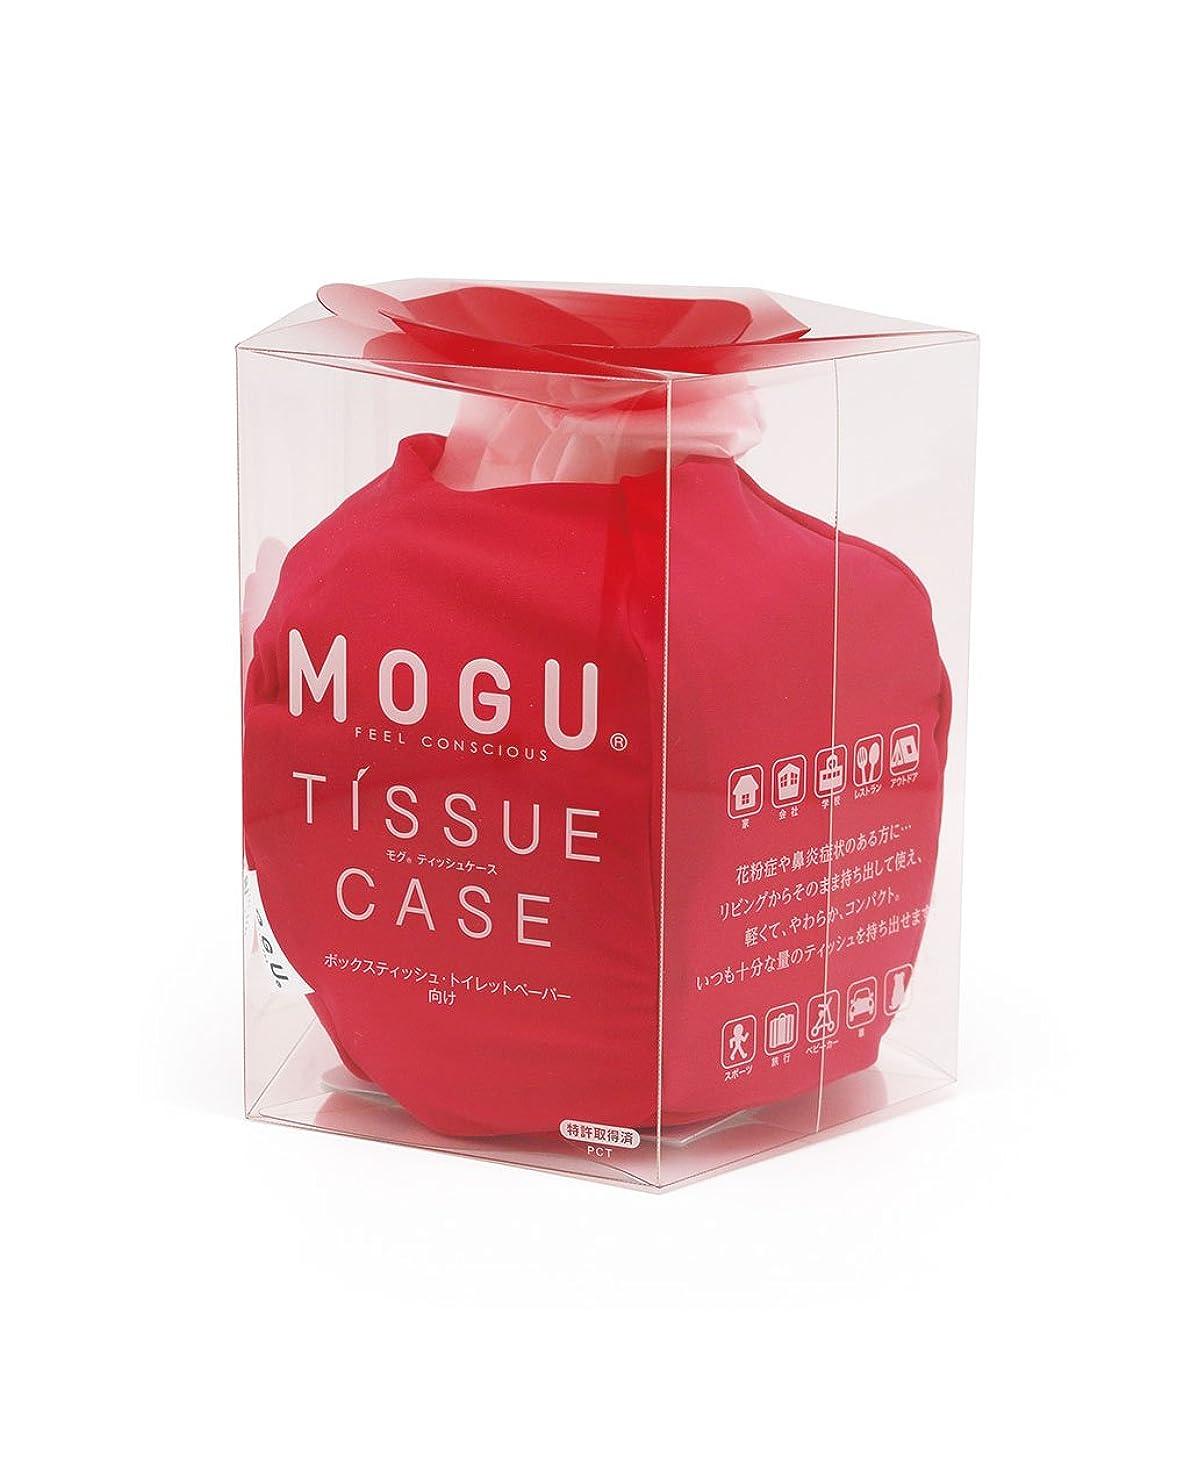 ナイトスポットコントローラうれしいMOGU ティッシュケース RE(レッド) ティッシュ付(クリアケース入りタイプ)